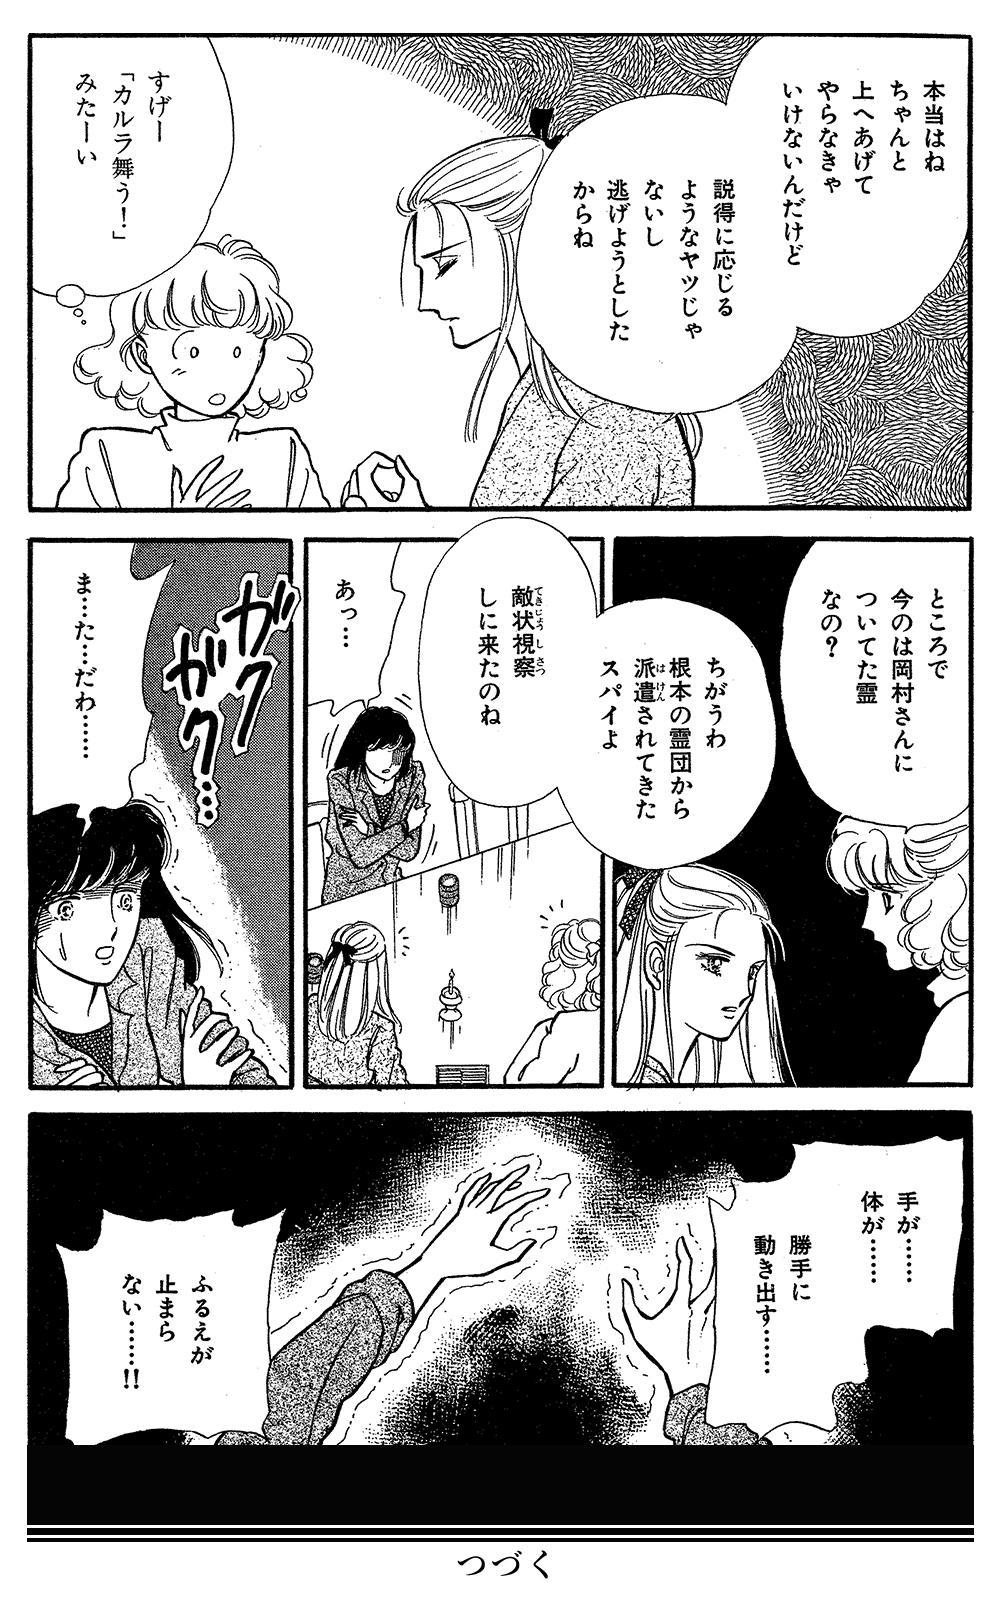 魔百合の恐怖報告  第2話「消えた黒猫」②mayuri08-10.jpg